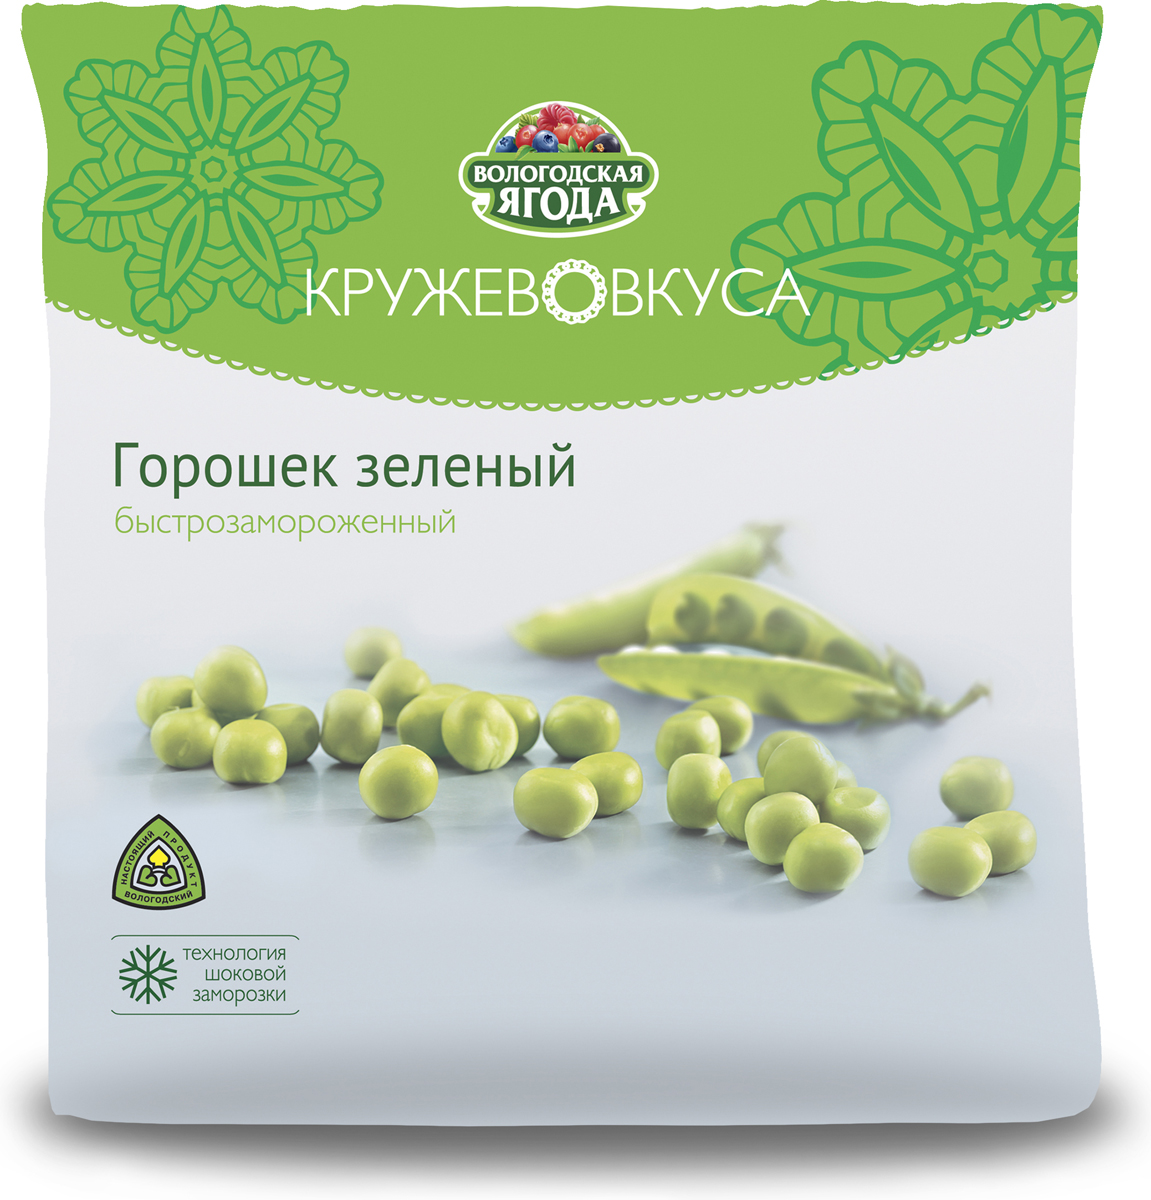 Кружево Вкуса Горошек зеленый, 400 гУТ000000127Яркий, полезный и очень позитивный – зелёный горошек любят все возрастные категории. Простор для творчества и фантазии огромен, когда речь идёт о приготовлении блюд из зелёного горошка. Овощные супы, гороховый суп, овощные рагу и гарниры, гороховая каша и ингредиент для салата.